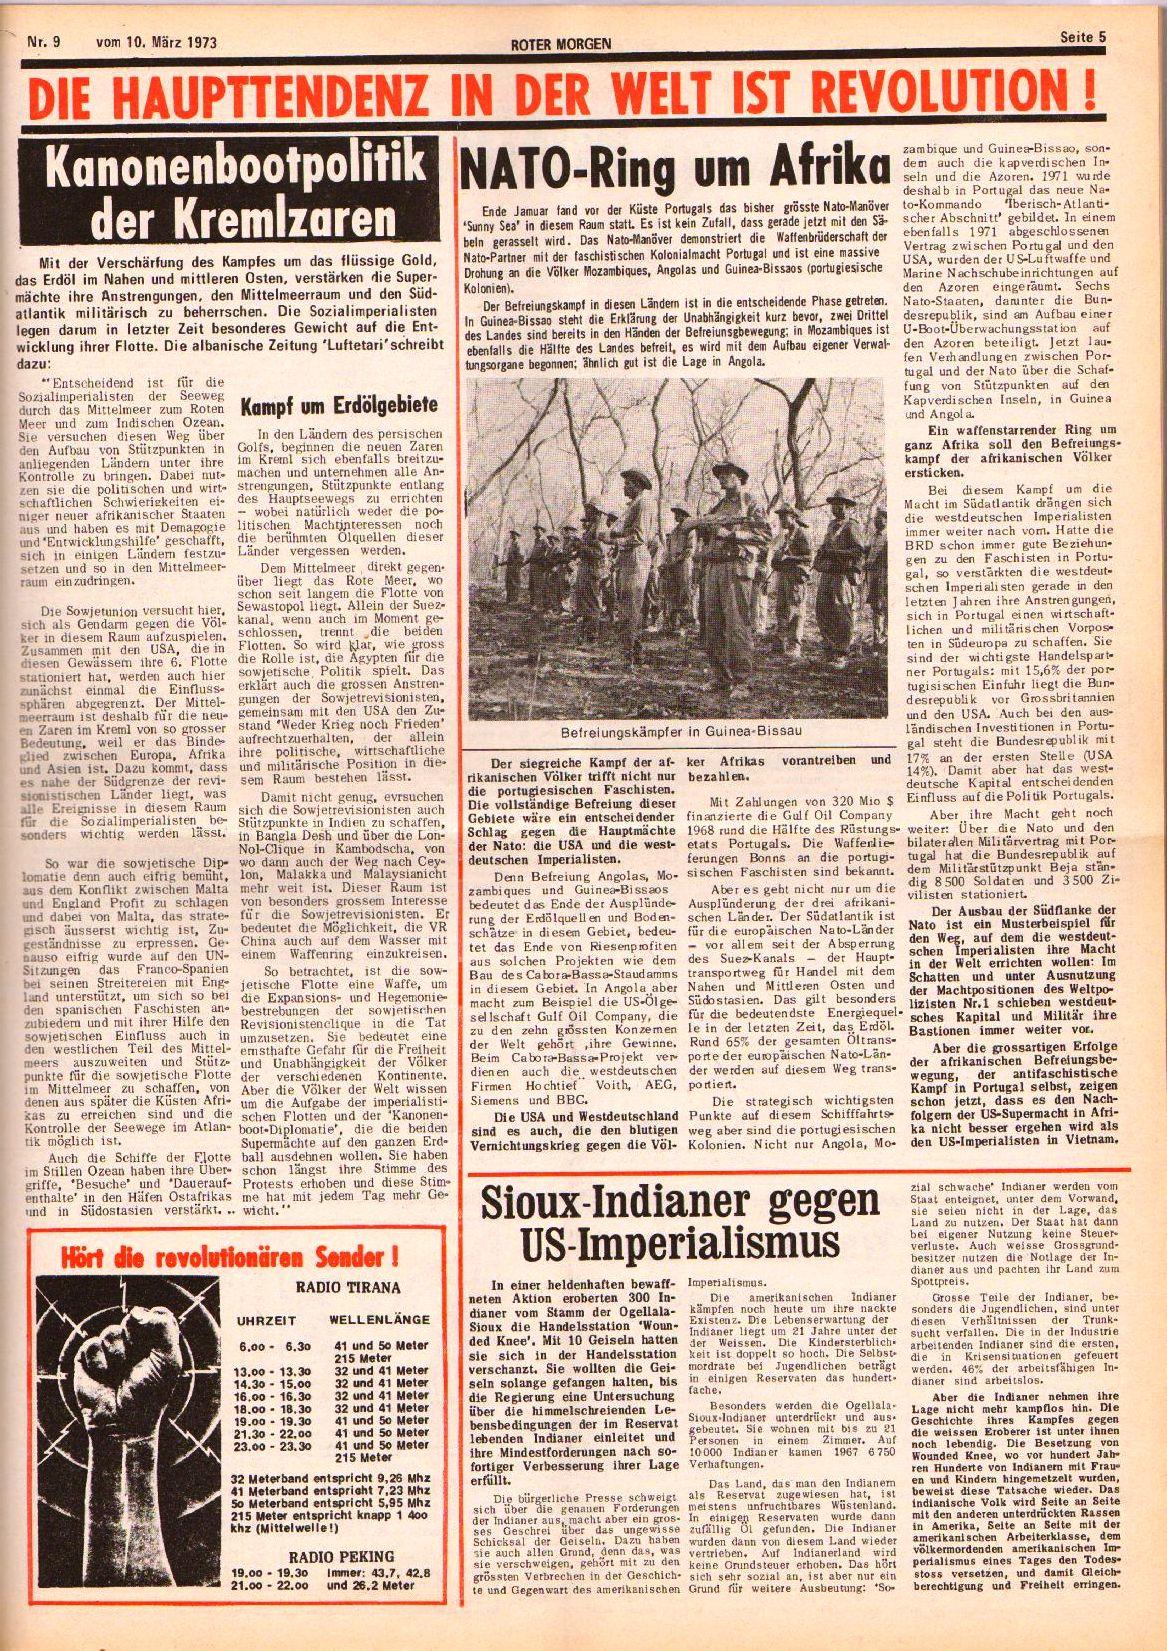 Roter Morgen, 7. Jg., 10. März 1973, Nr. 9, Seite 5